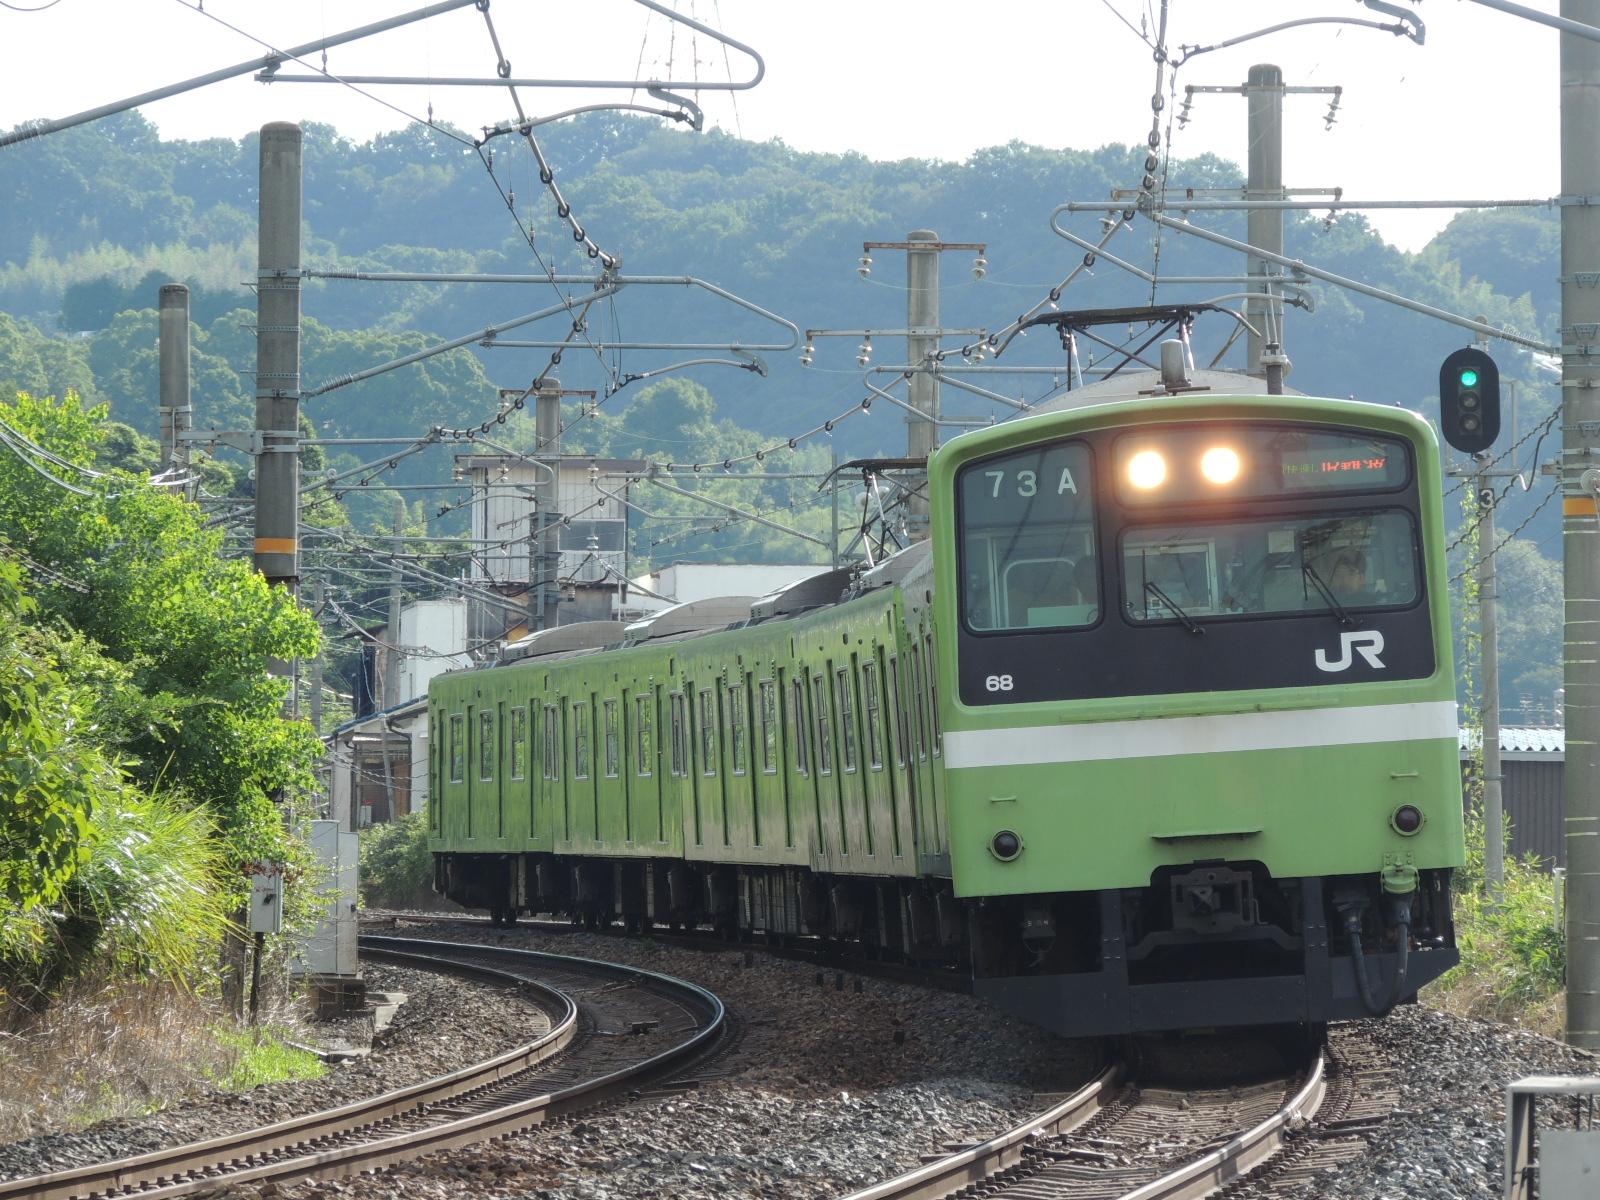 DSCN9302.jpg